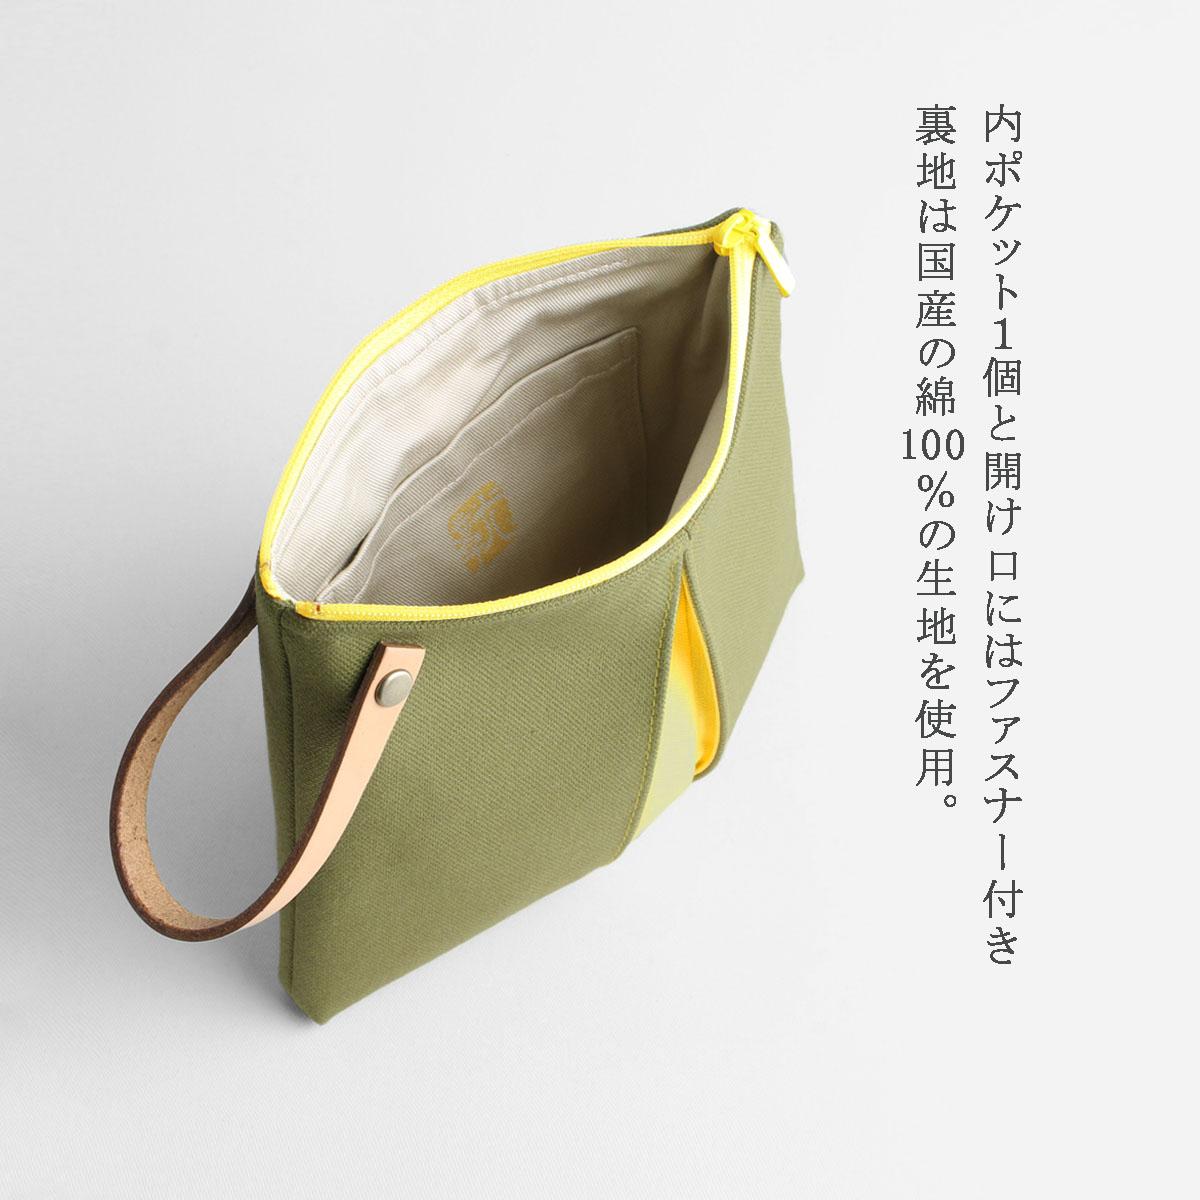 KOSHO ougi 帆布 ポーチ�